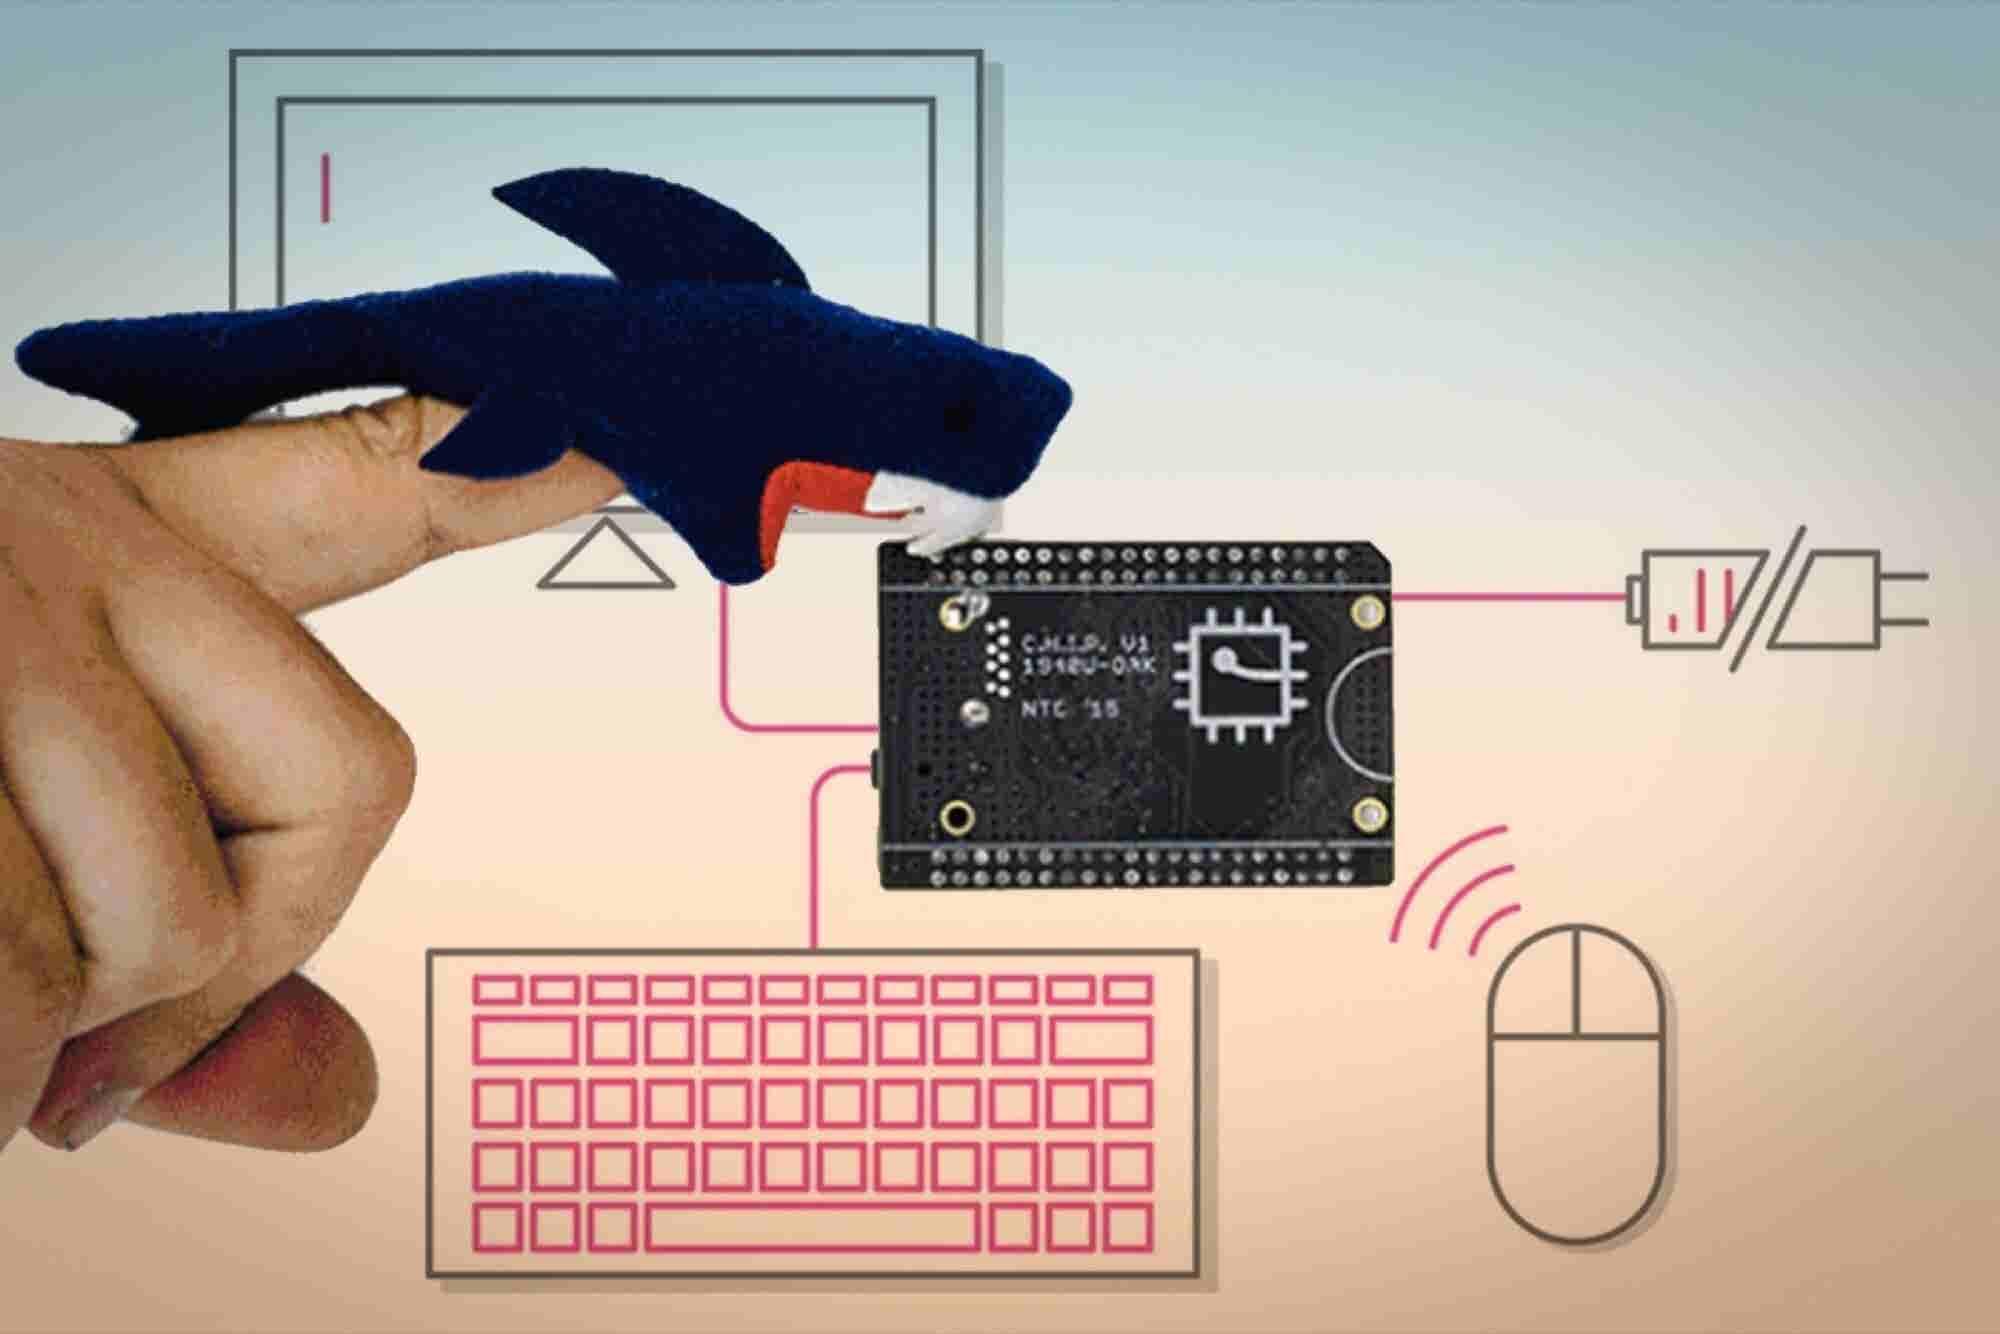 This Tiny $9 Computer Blazed Past the Million-Dollar Mark on Kickstarter